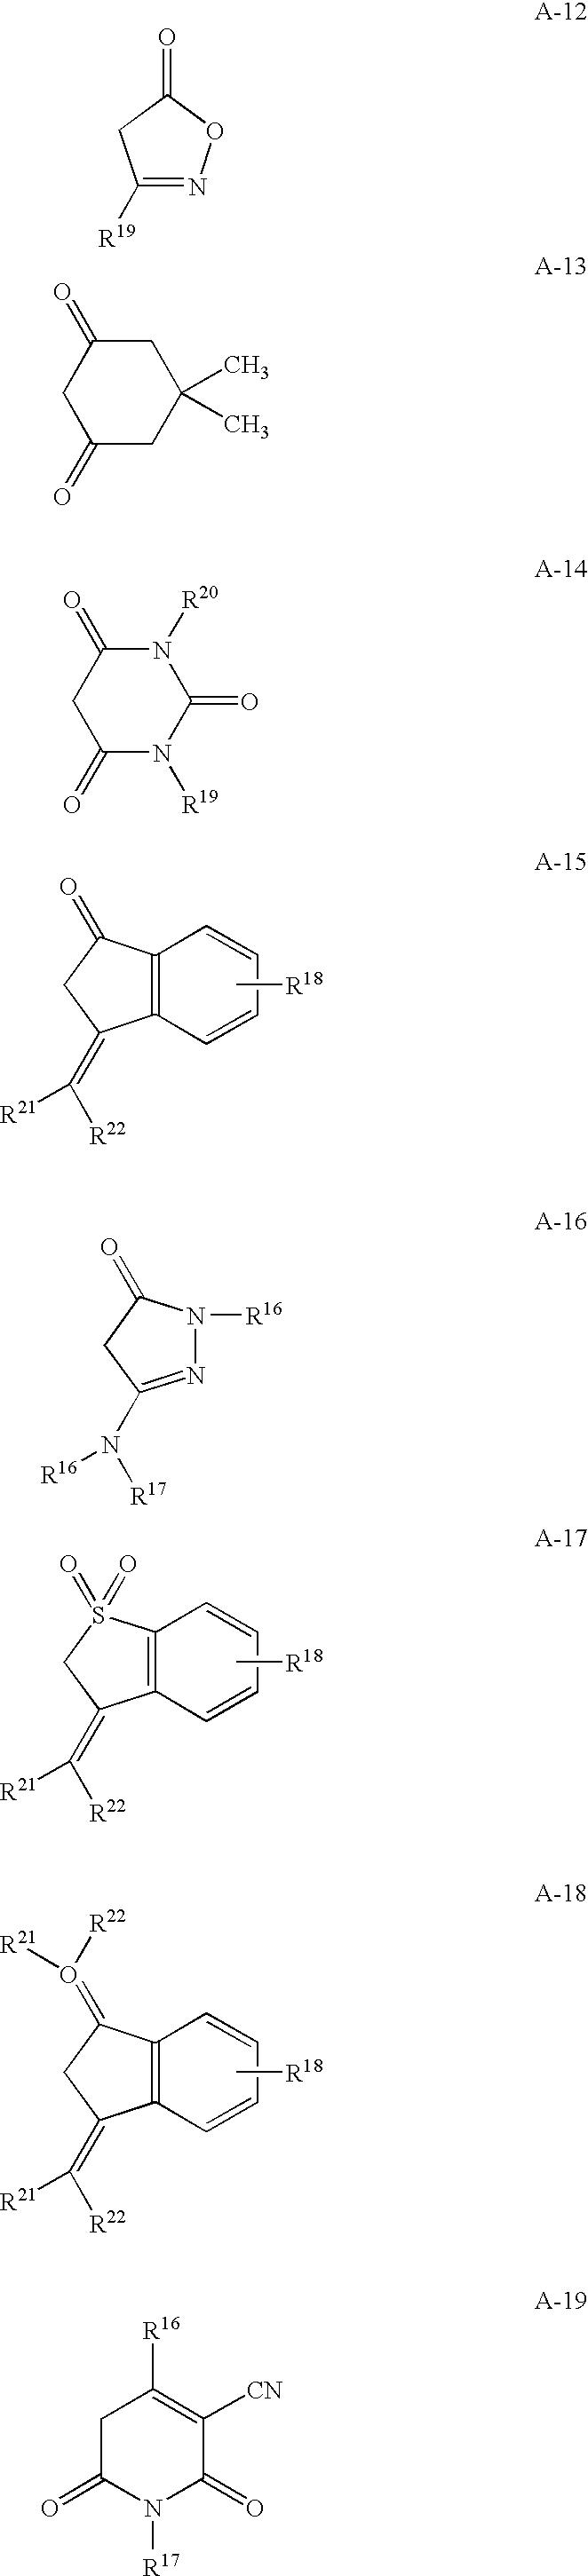 Figure US20070287822A1-20071213-C00035